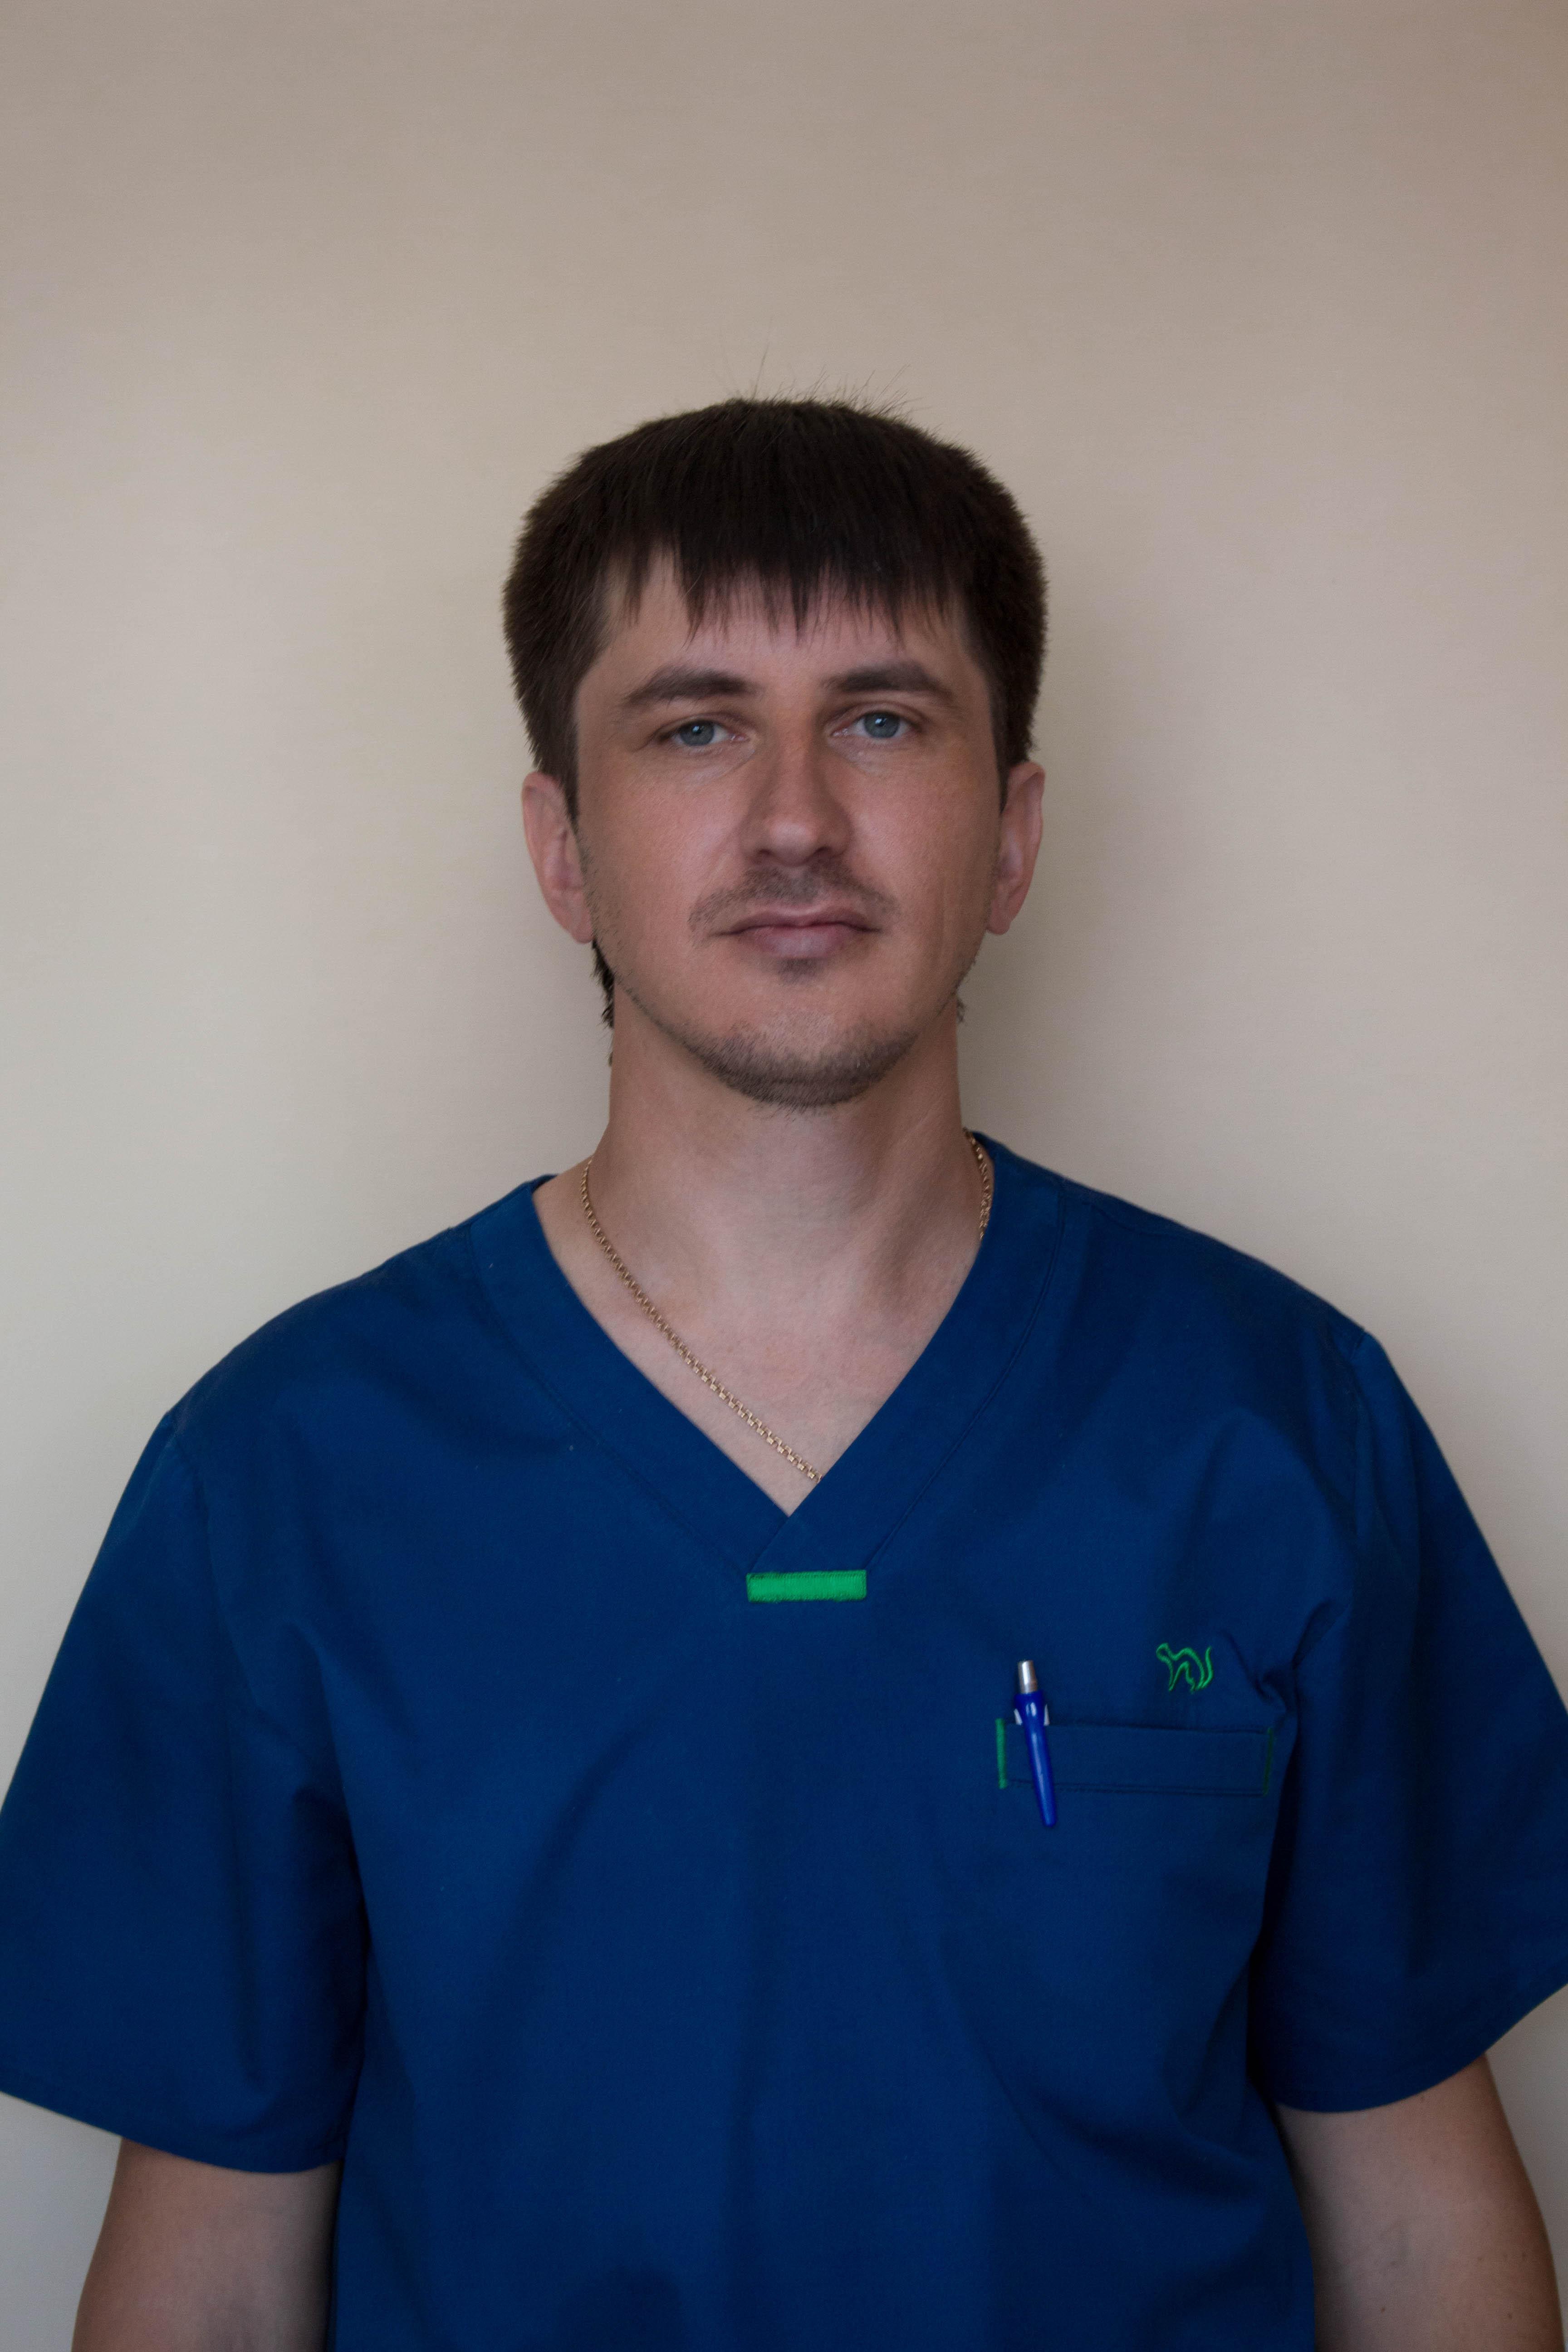 Врач отоларинголог первой категории Стариков Алексей Владимирович в центре Лоридан.